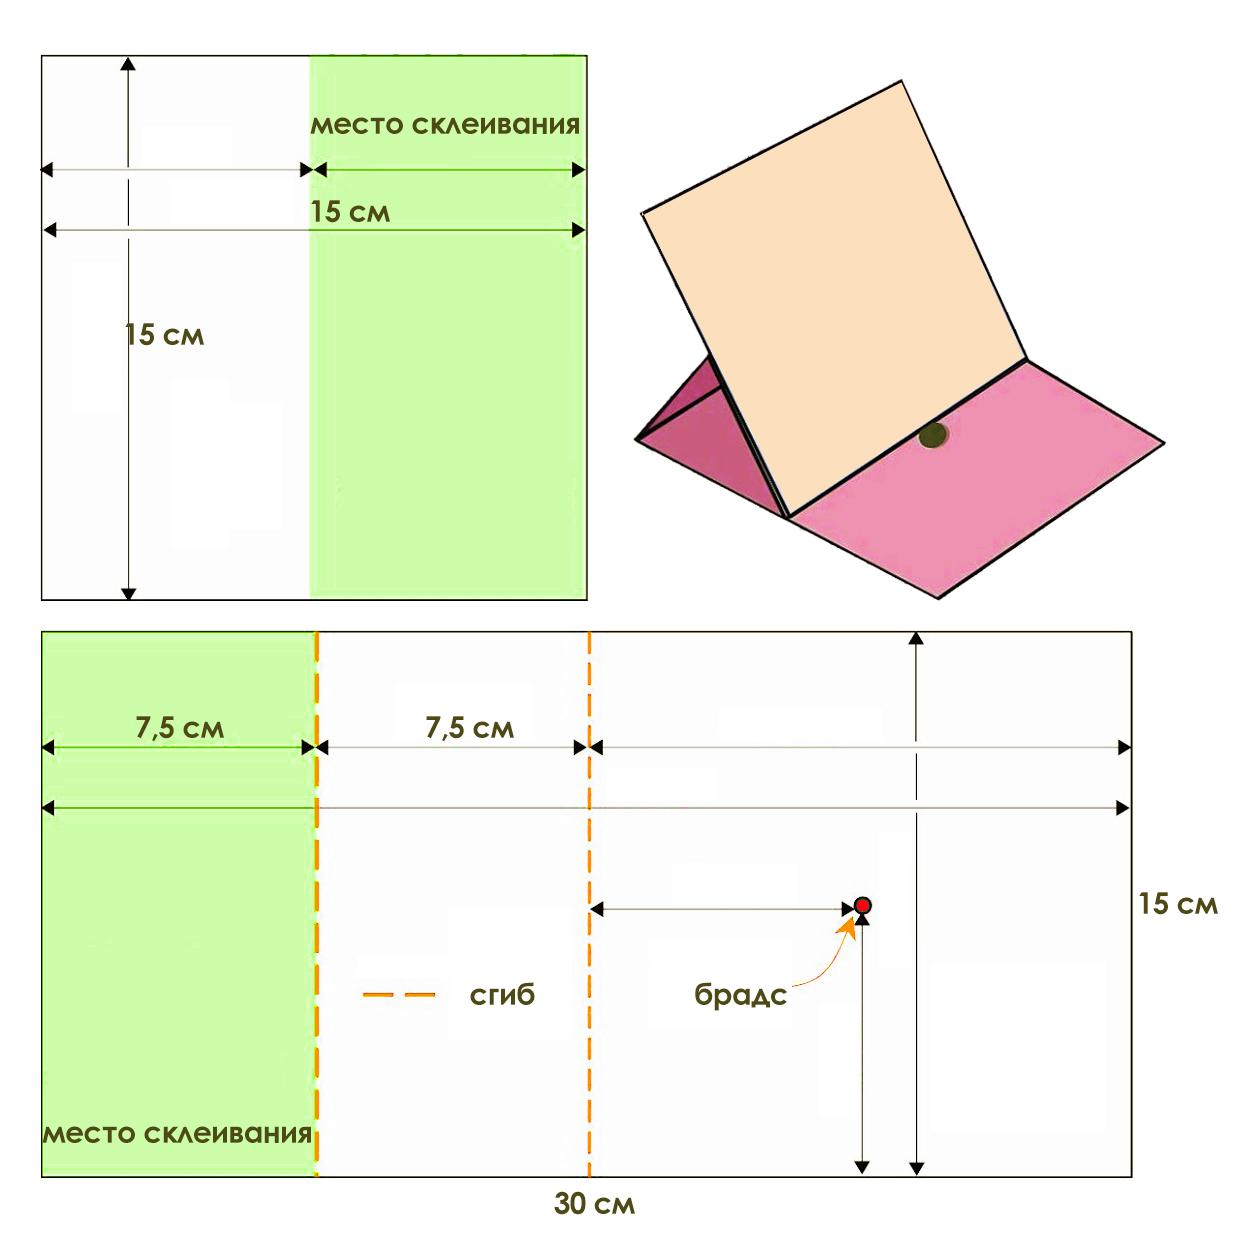 схемы для открытки раскладушки напротив друг друга